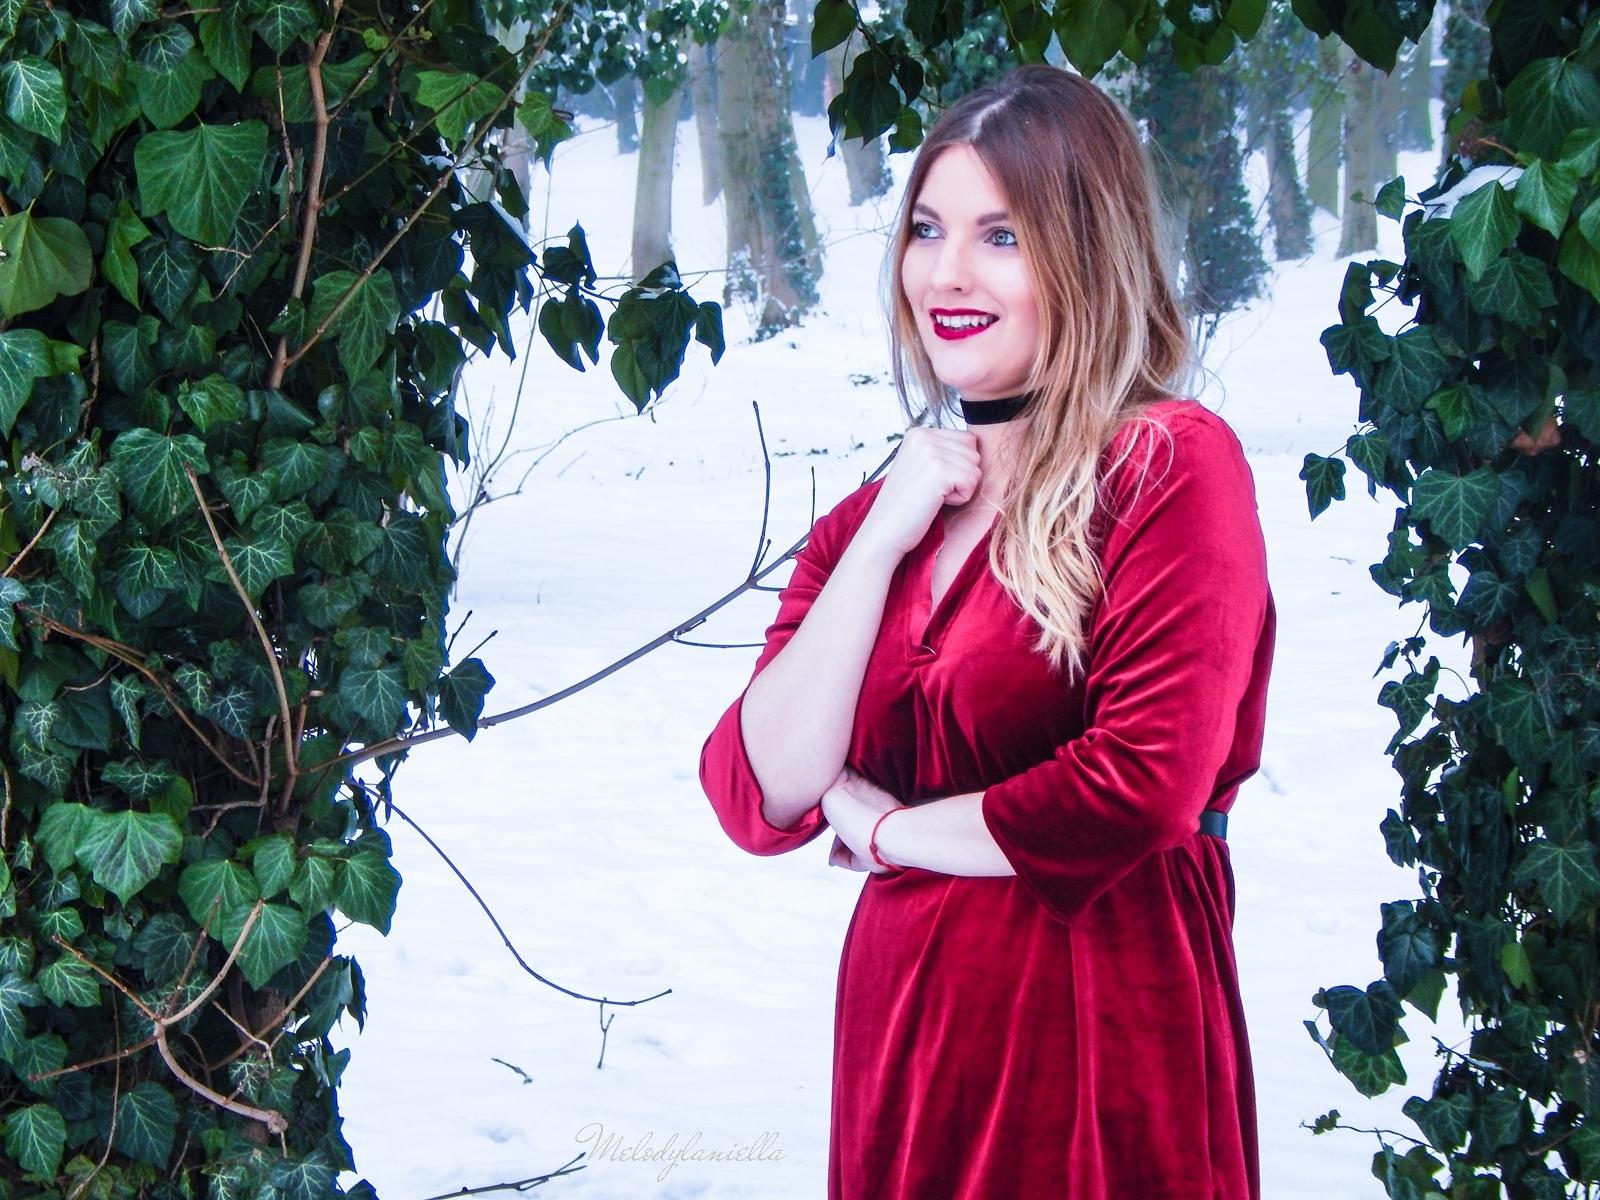 008 torebka manzana czarna czerwona aksamitna  sukienka zaful choker sammydress girl fashion zimowy lookbook stylizacja melodylaniella rajstopy veera pończochy fashion moda szary płaszcz